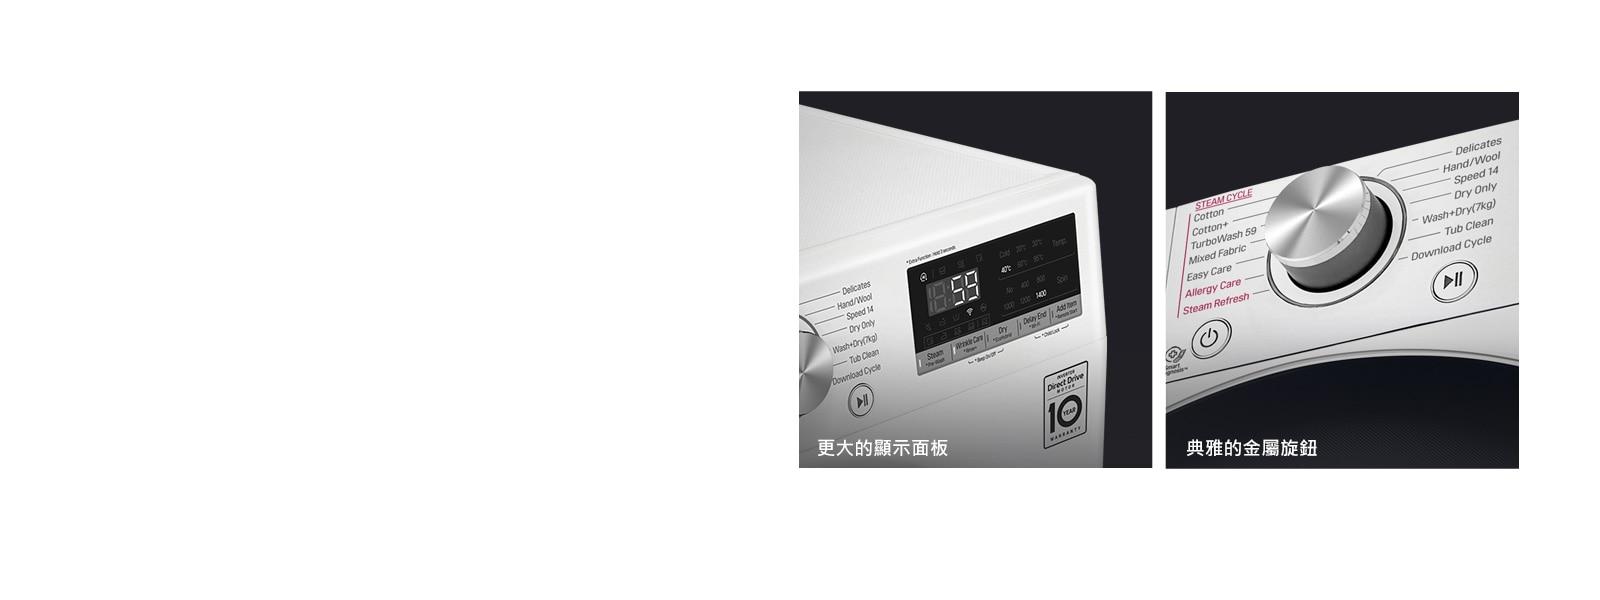 WD-Vivace-V700-VC3-White-11-Design-Desktop